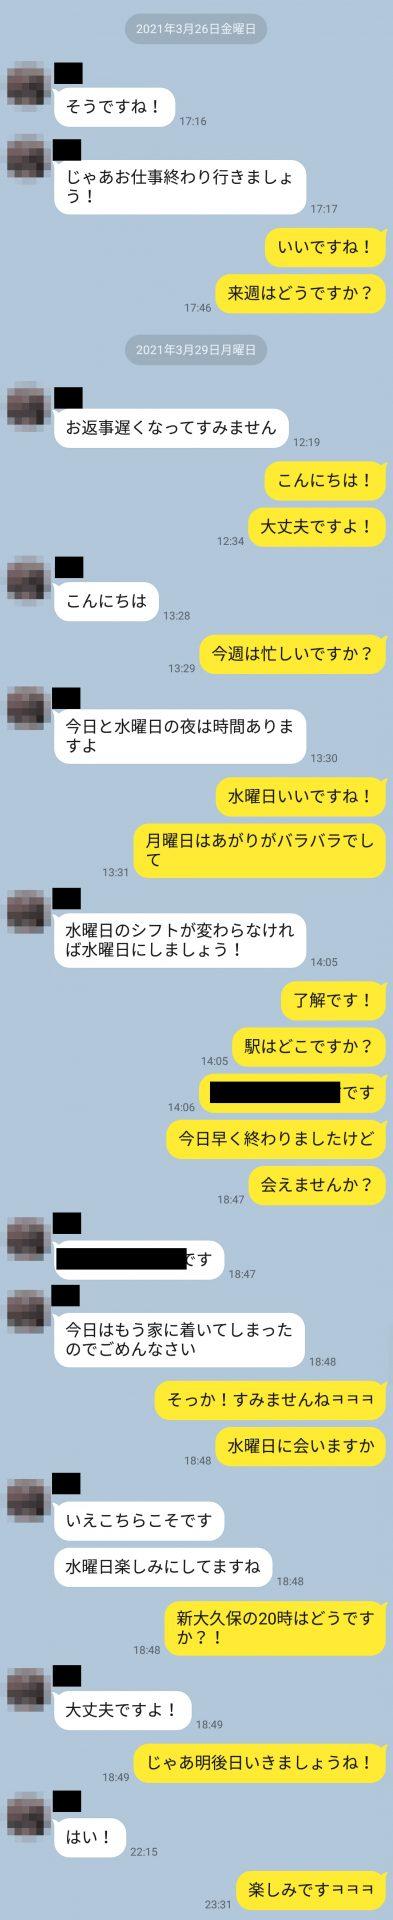 21_ol_pcmaxカカオ全文_02